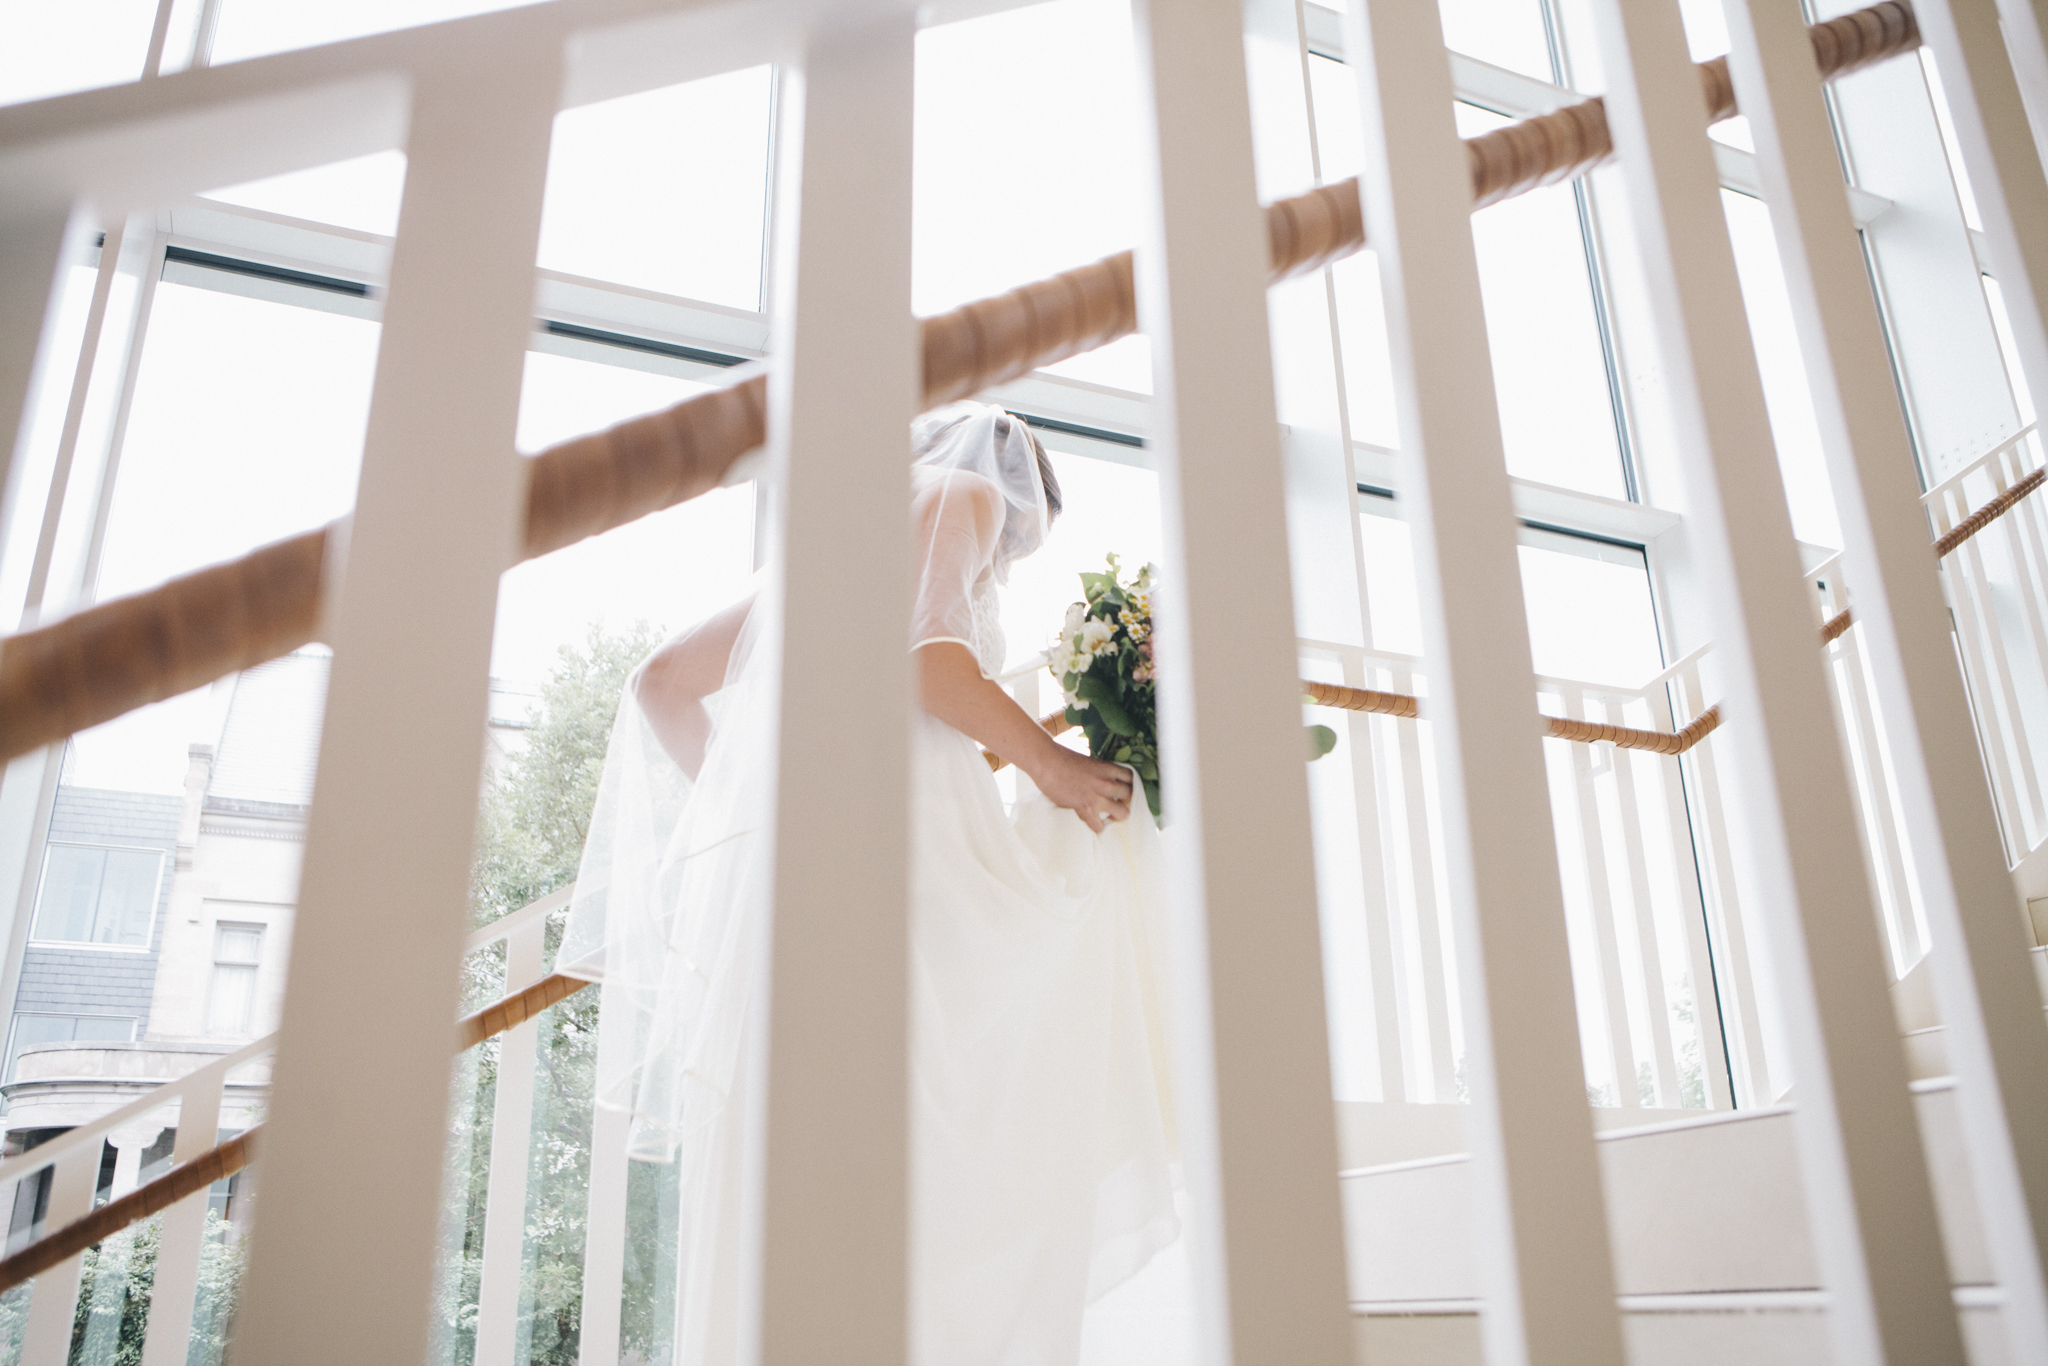 harlan_megmike_wedding_15.jpg